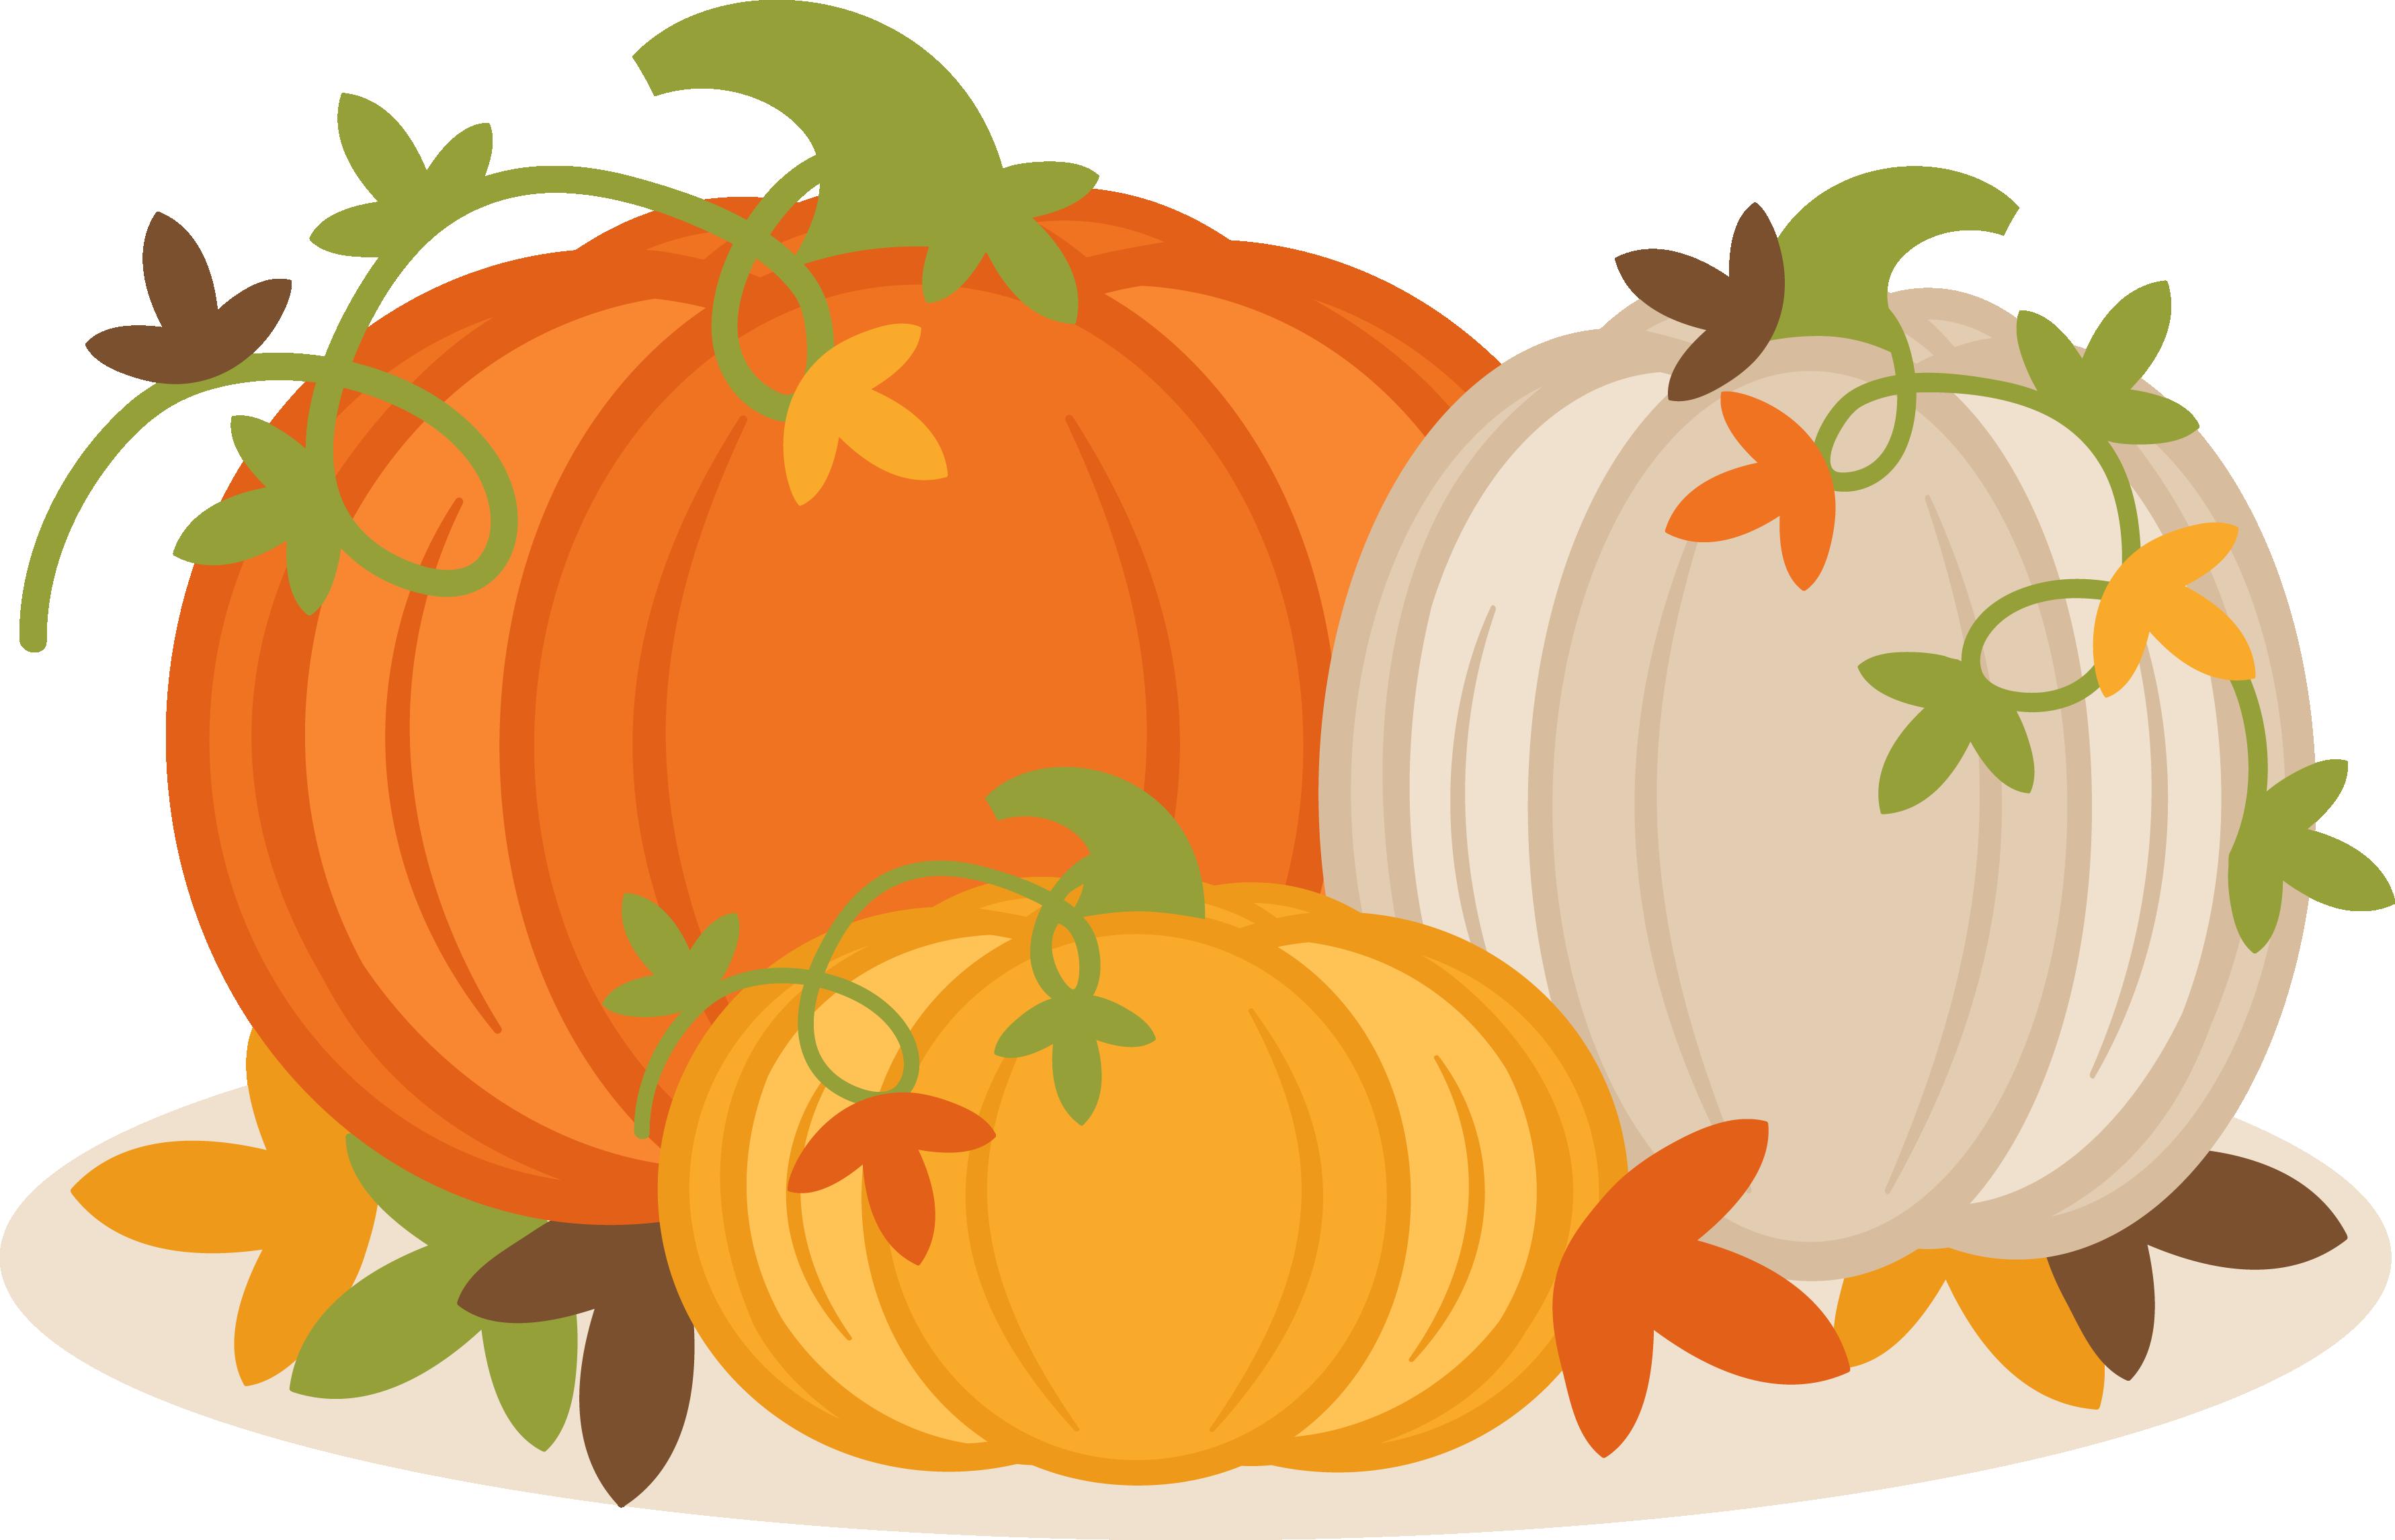 28+ Cute fall pumpkin clipart ideas in 2021